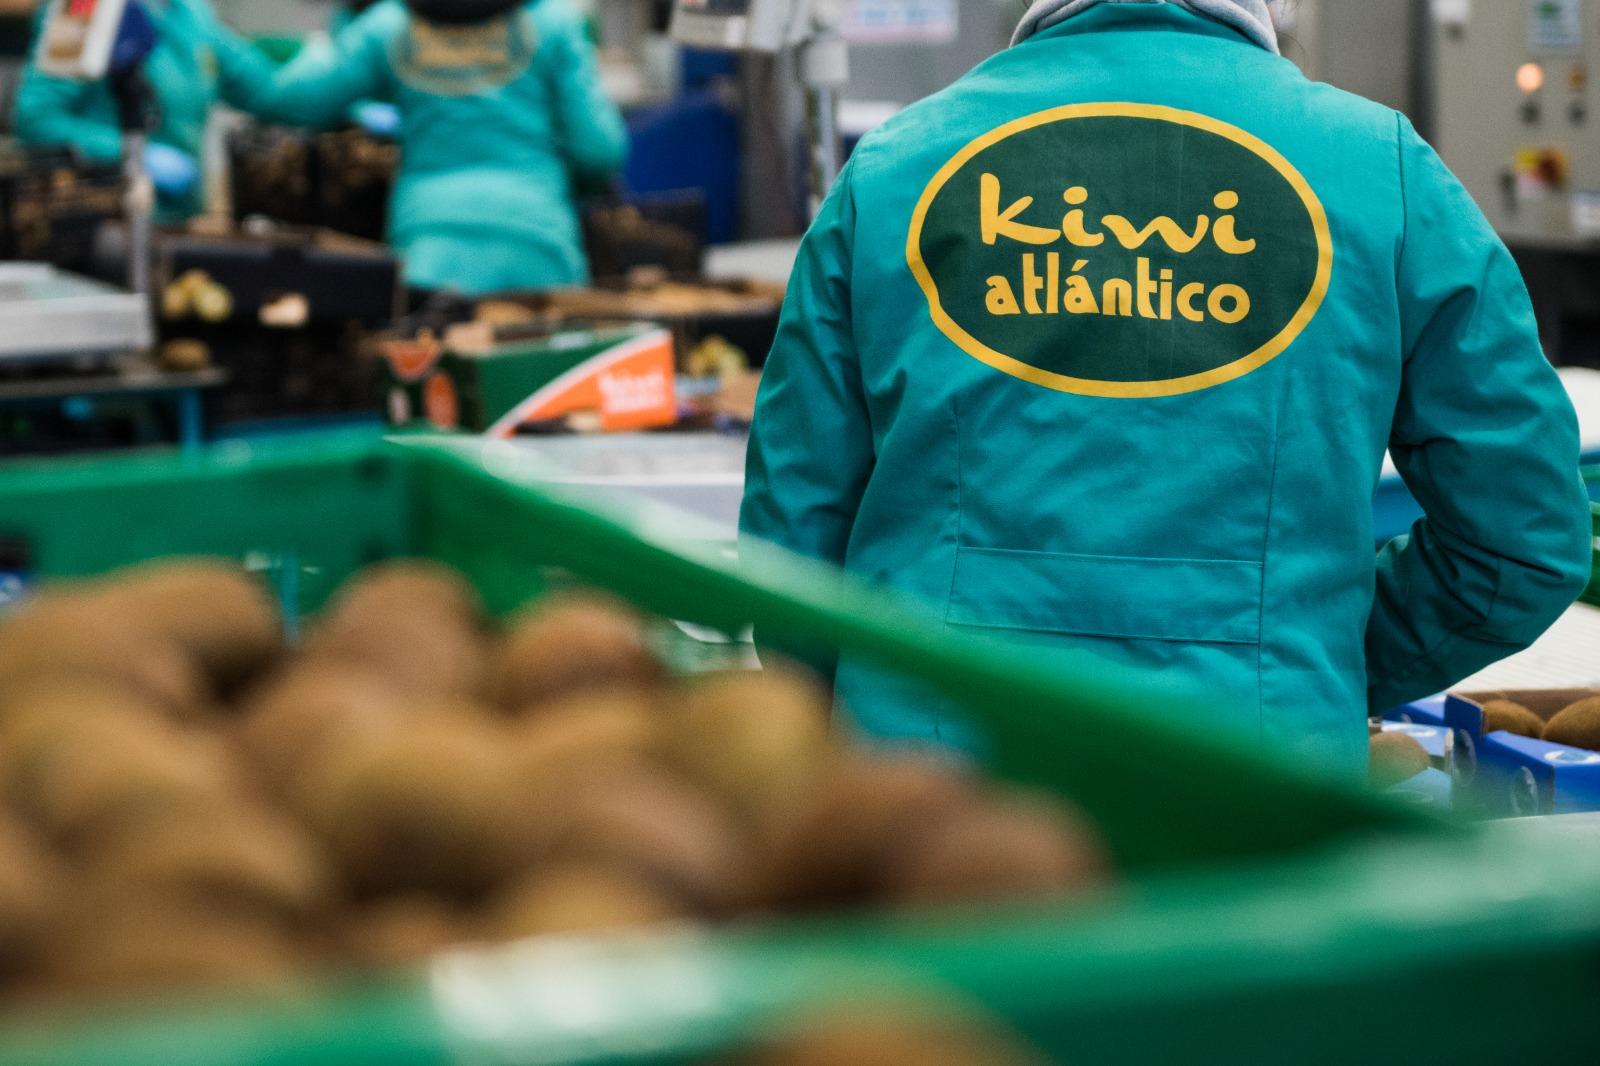 Kiwi Atlantico